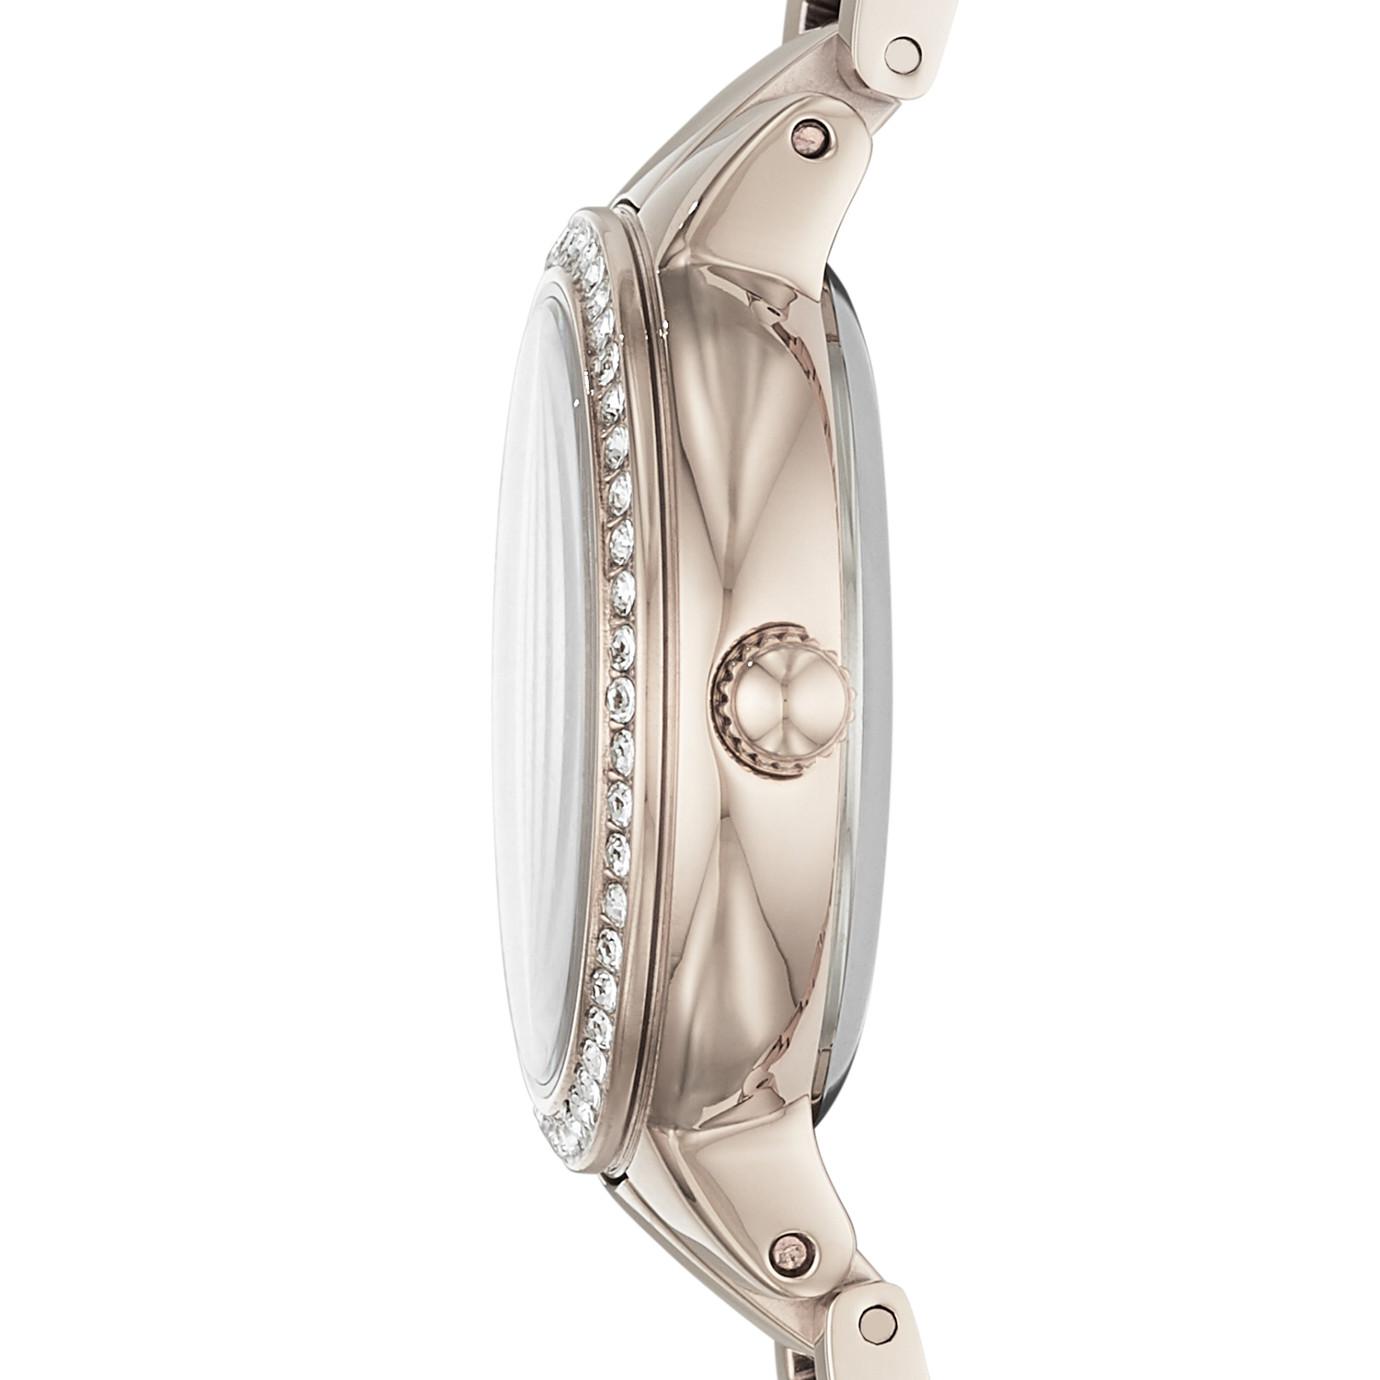 Virginia 系列三指針淡粉紅不鏽鋼手錶